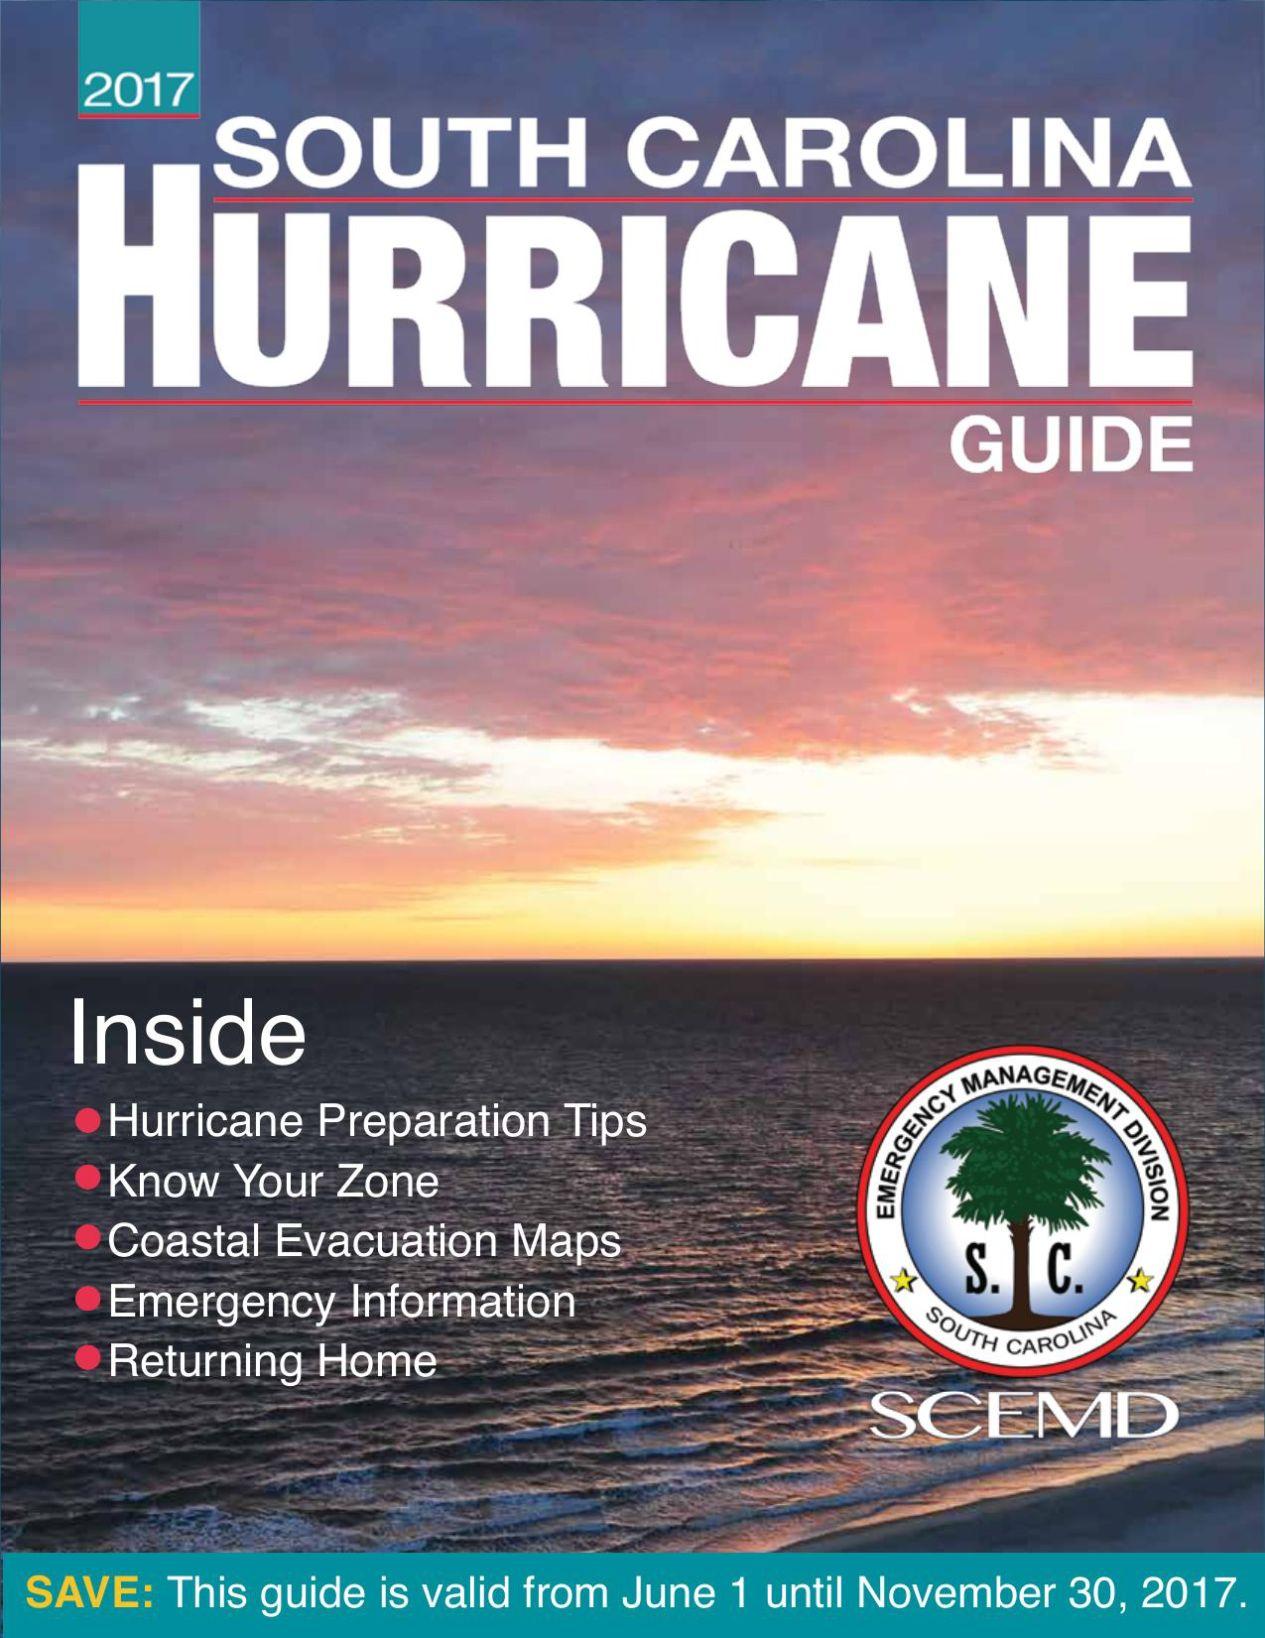 South Carolina Hurricane Guide